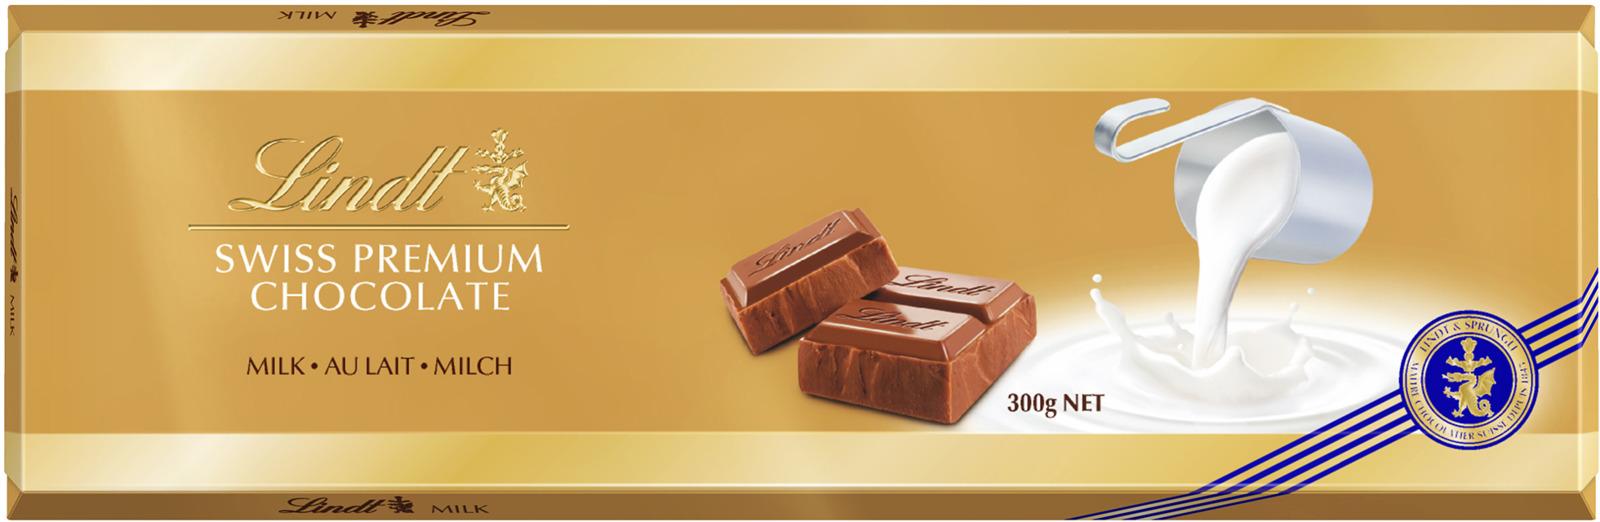 Lindt Gold молочный шоколад, 300 г шоколад молочный lindt creation пралине с вафлей 150 г